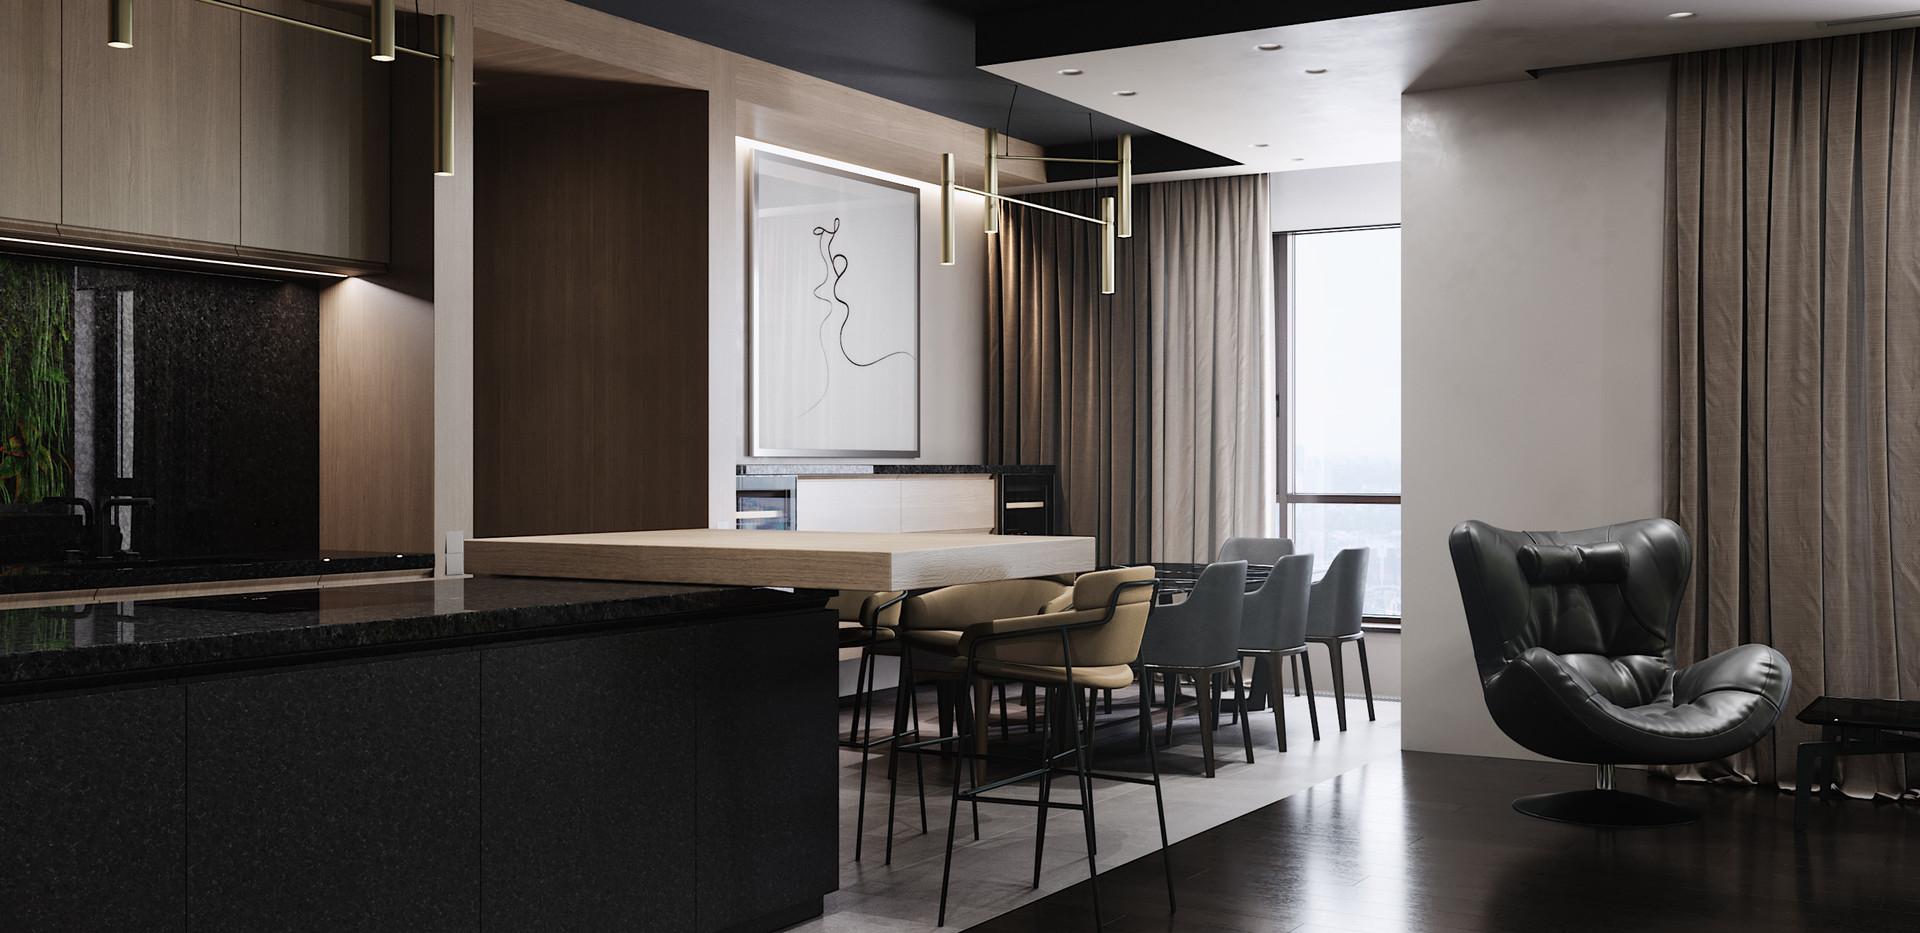 livingroom_kitchen_c1.jpg